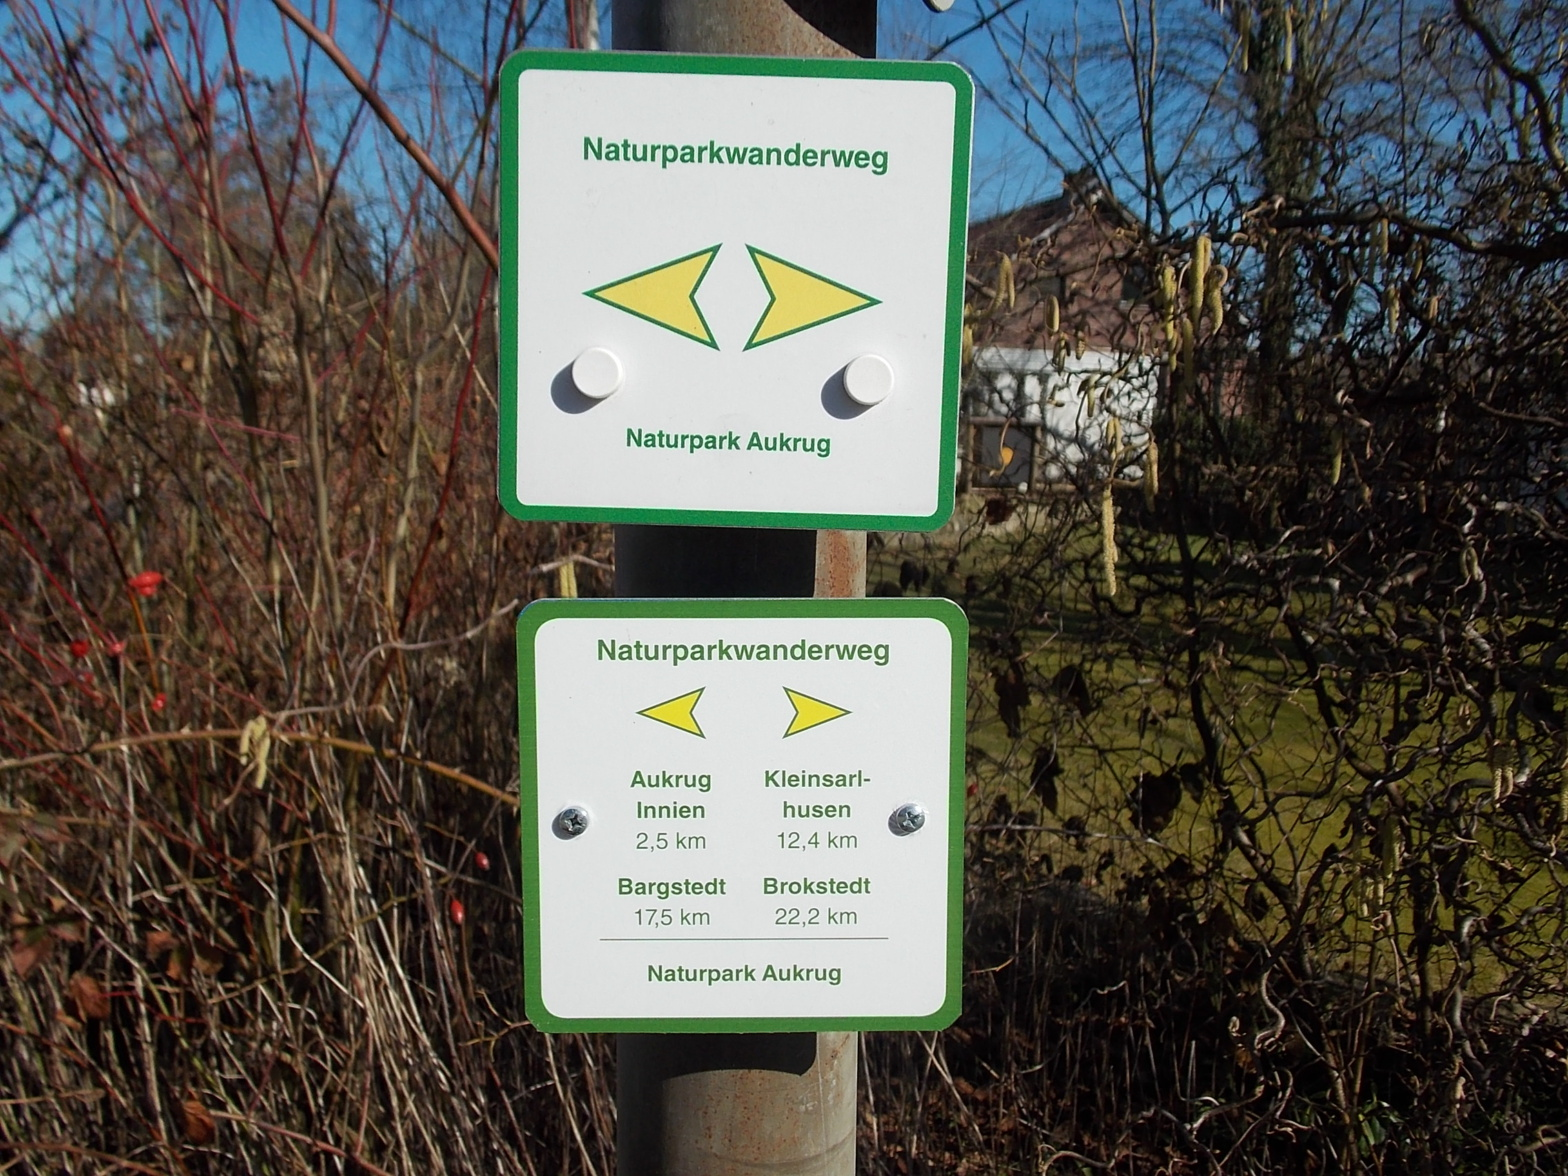 Naturparkwanderweg